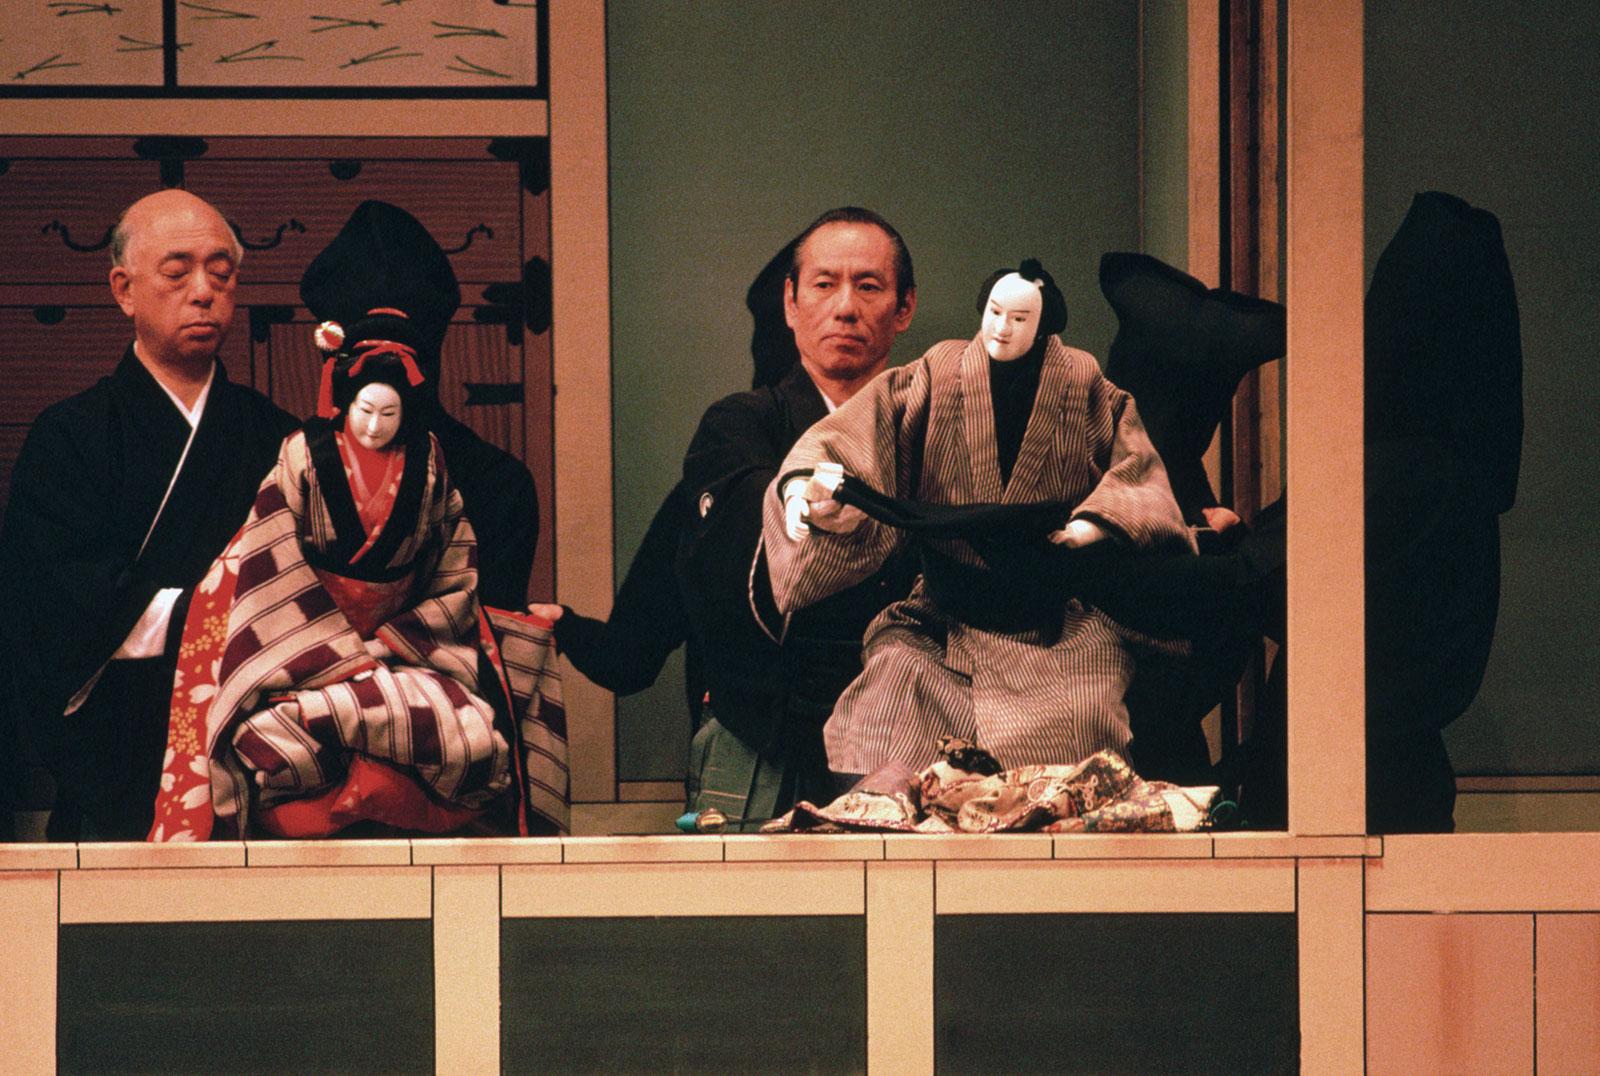 Bunraku – nghệ thuật múa rối đặc sắc Nhật Bản